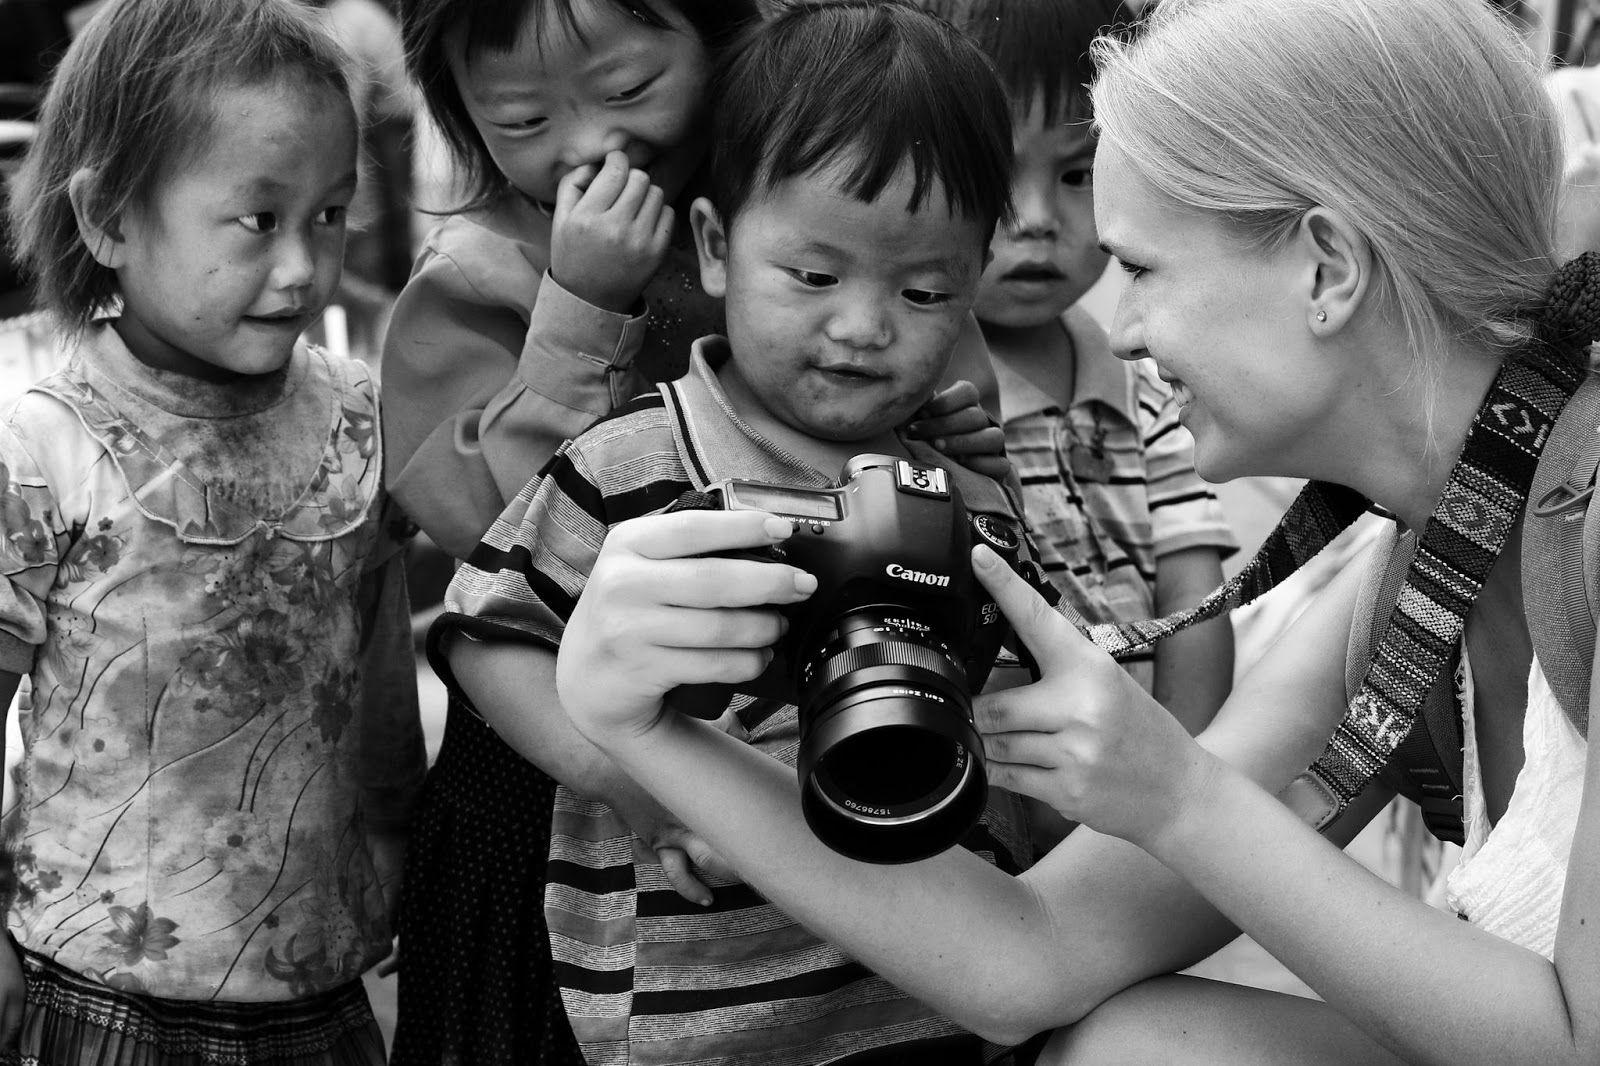 16 ấn tượng về Việt Nam trong lòng du khách nước ngoài